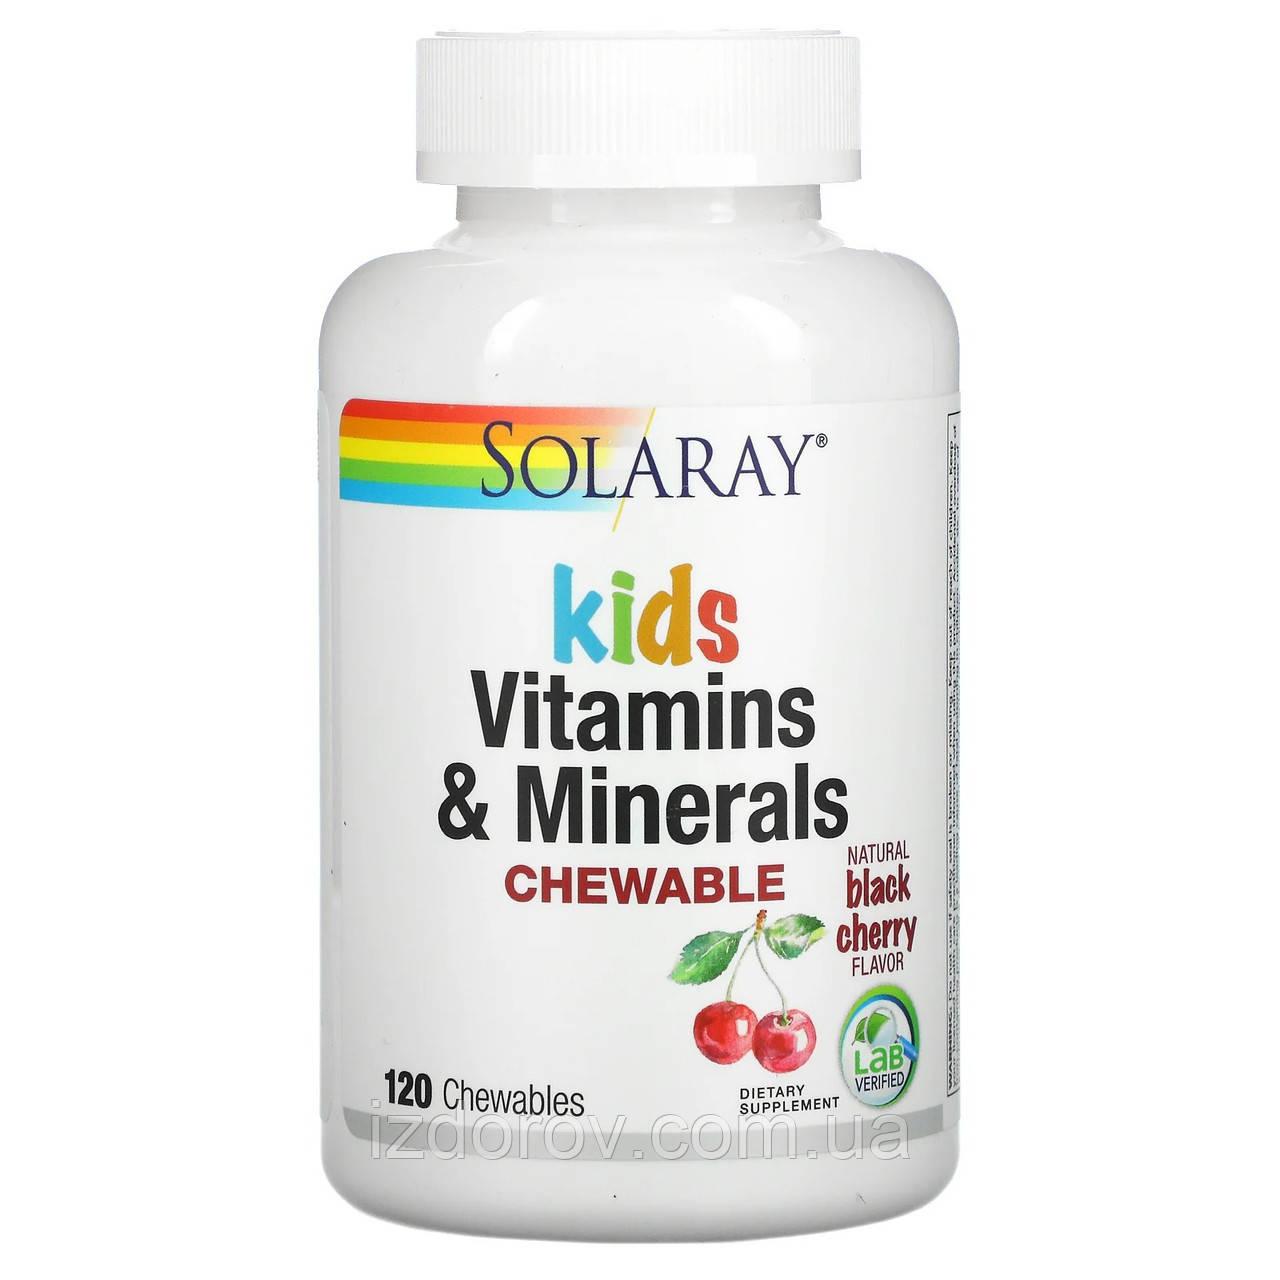 Solaray, Вітаміни і мінерали для дітей, натуральний смак чорної вишні, 120 жувальних таблеток